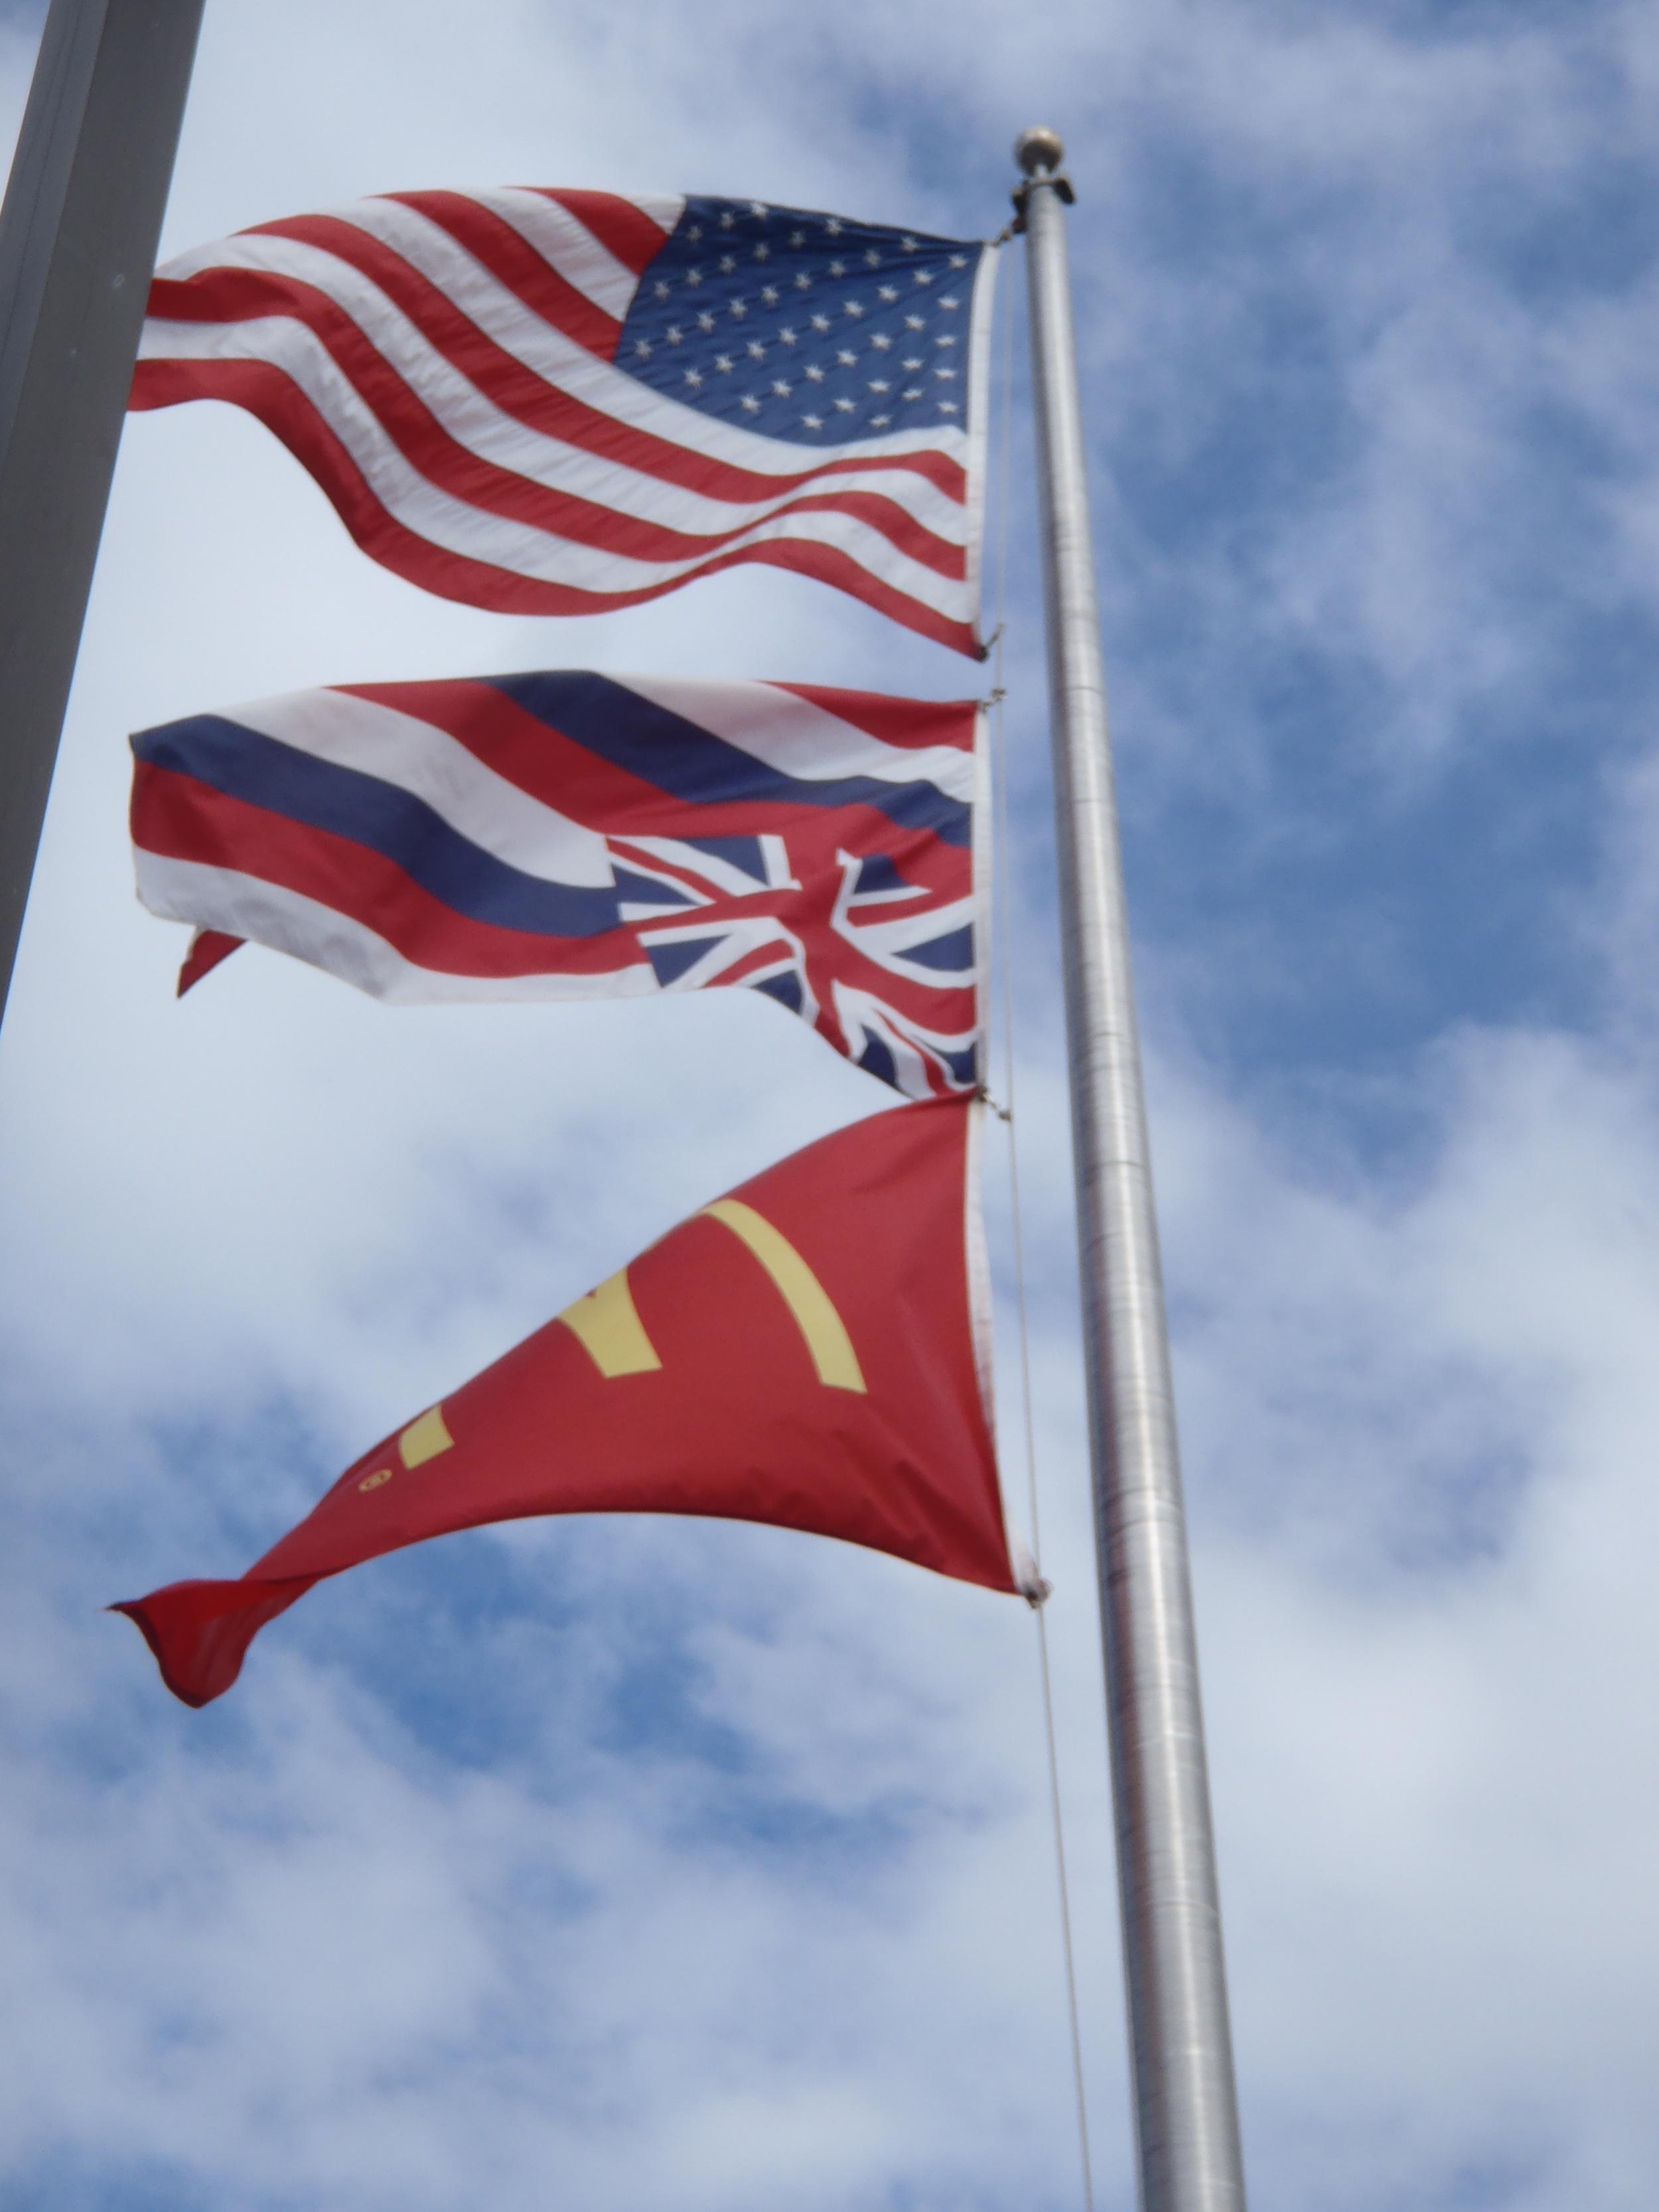 McDs Flag2.jpg